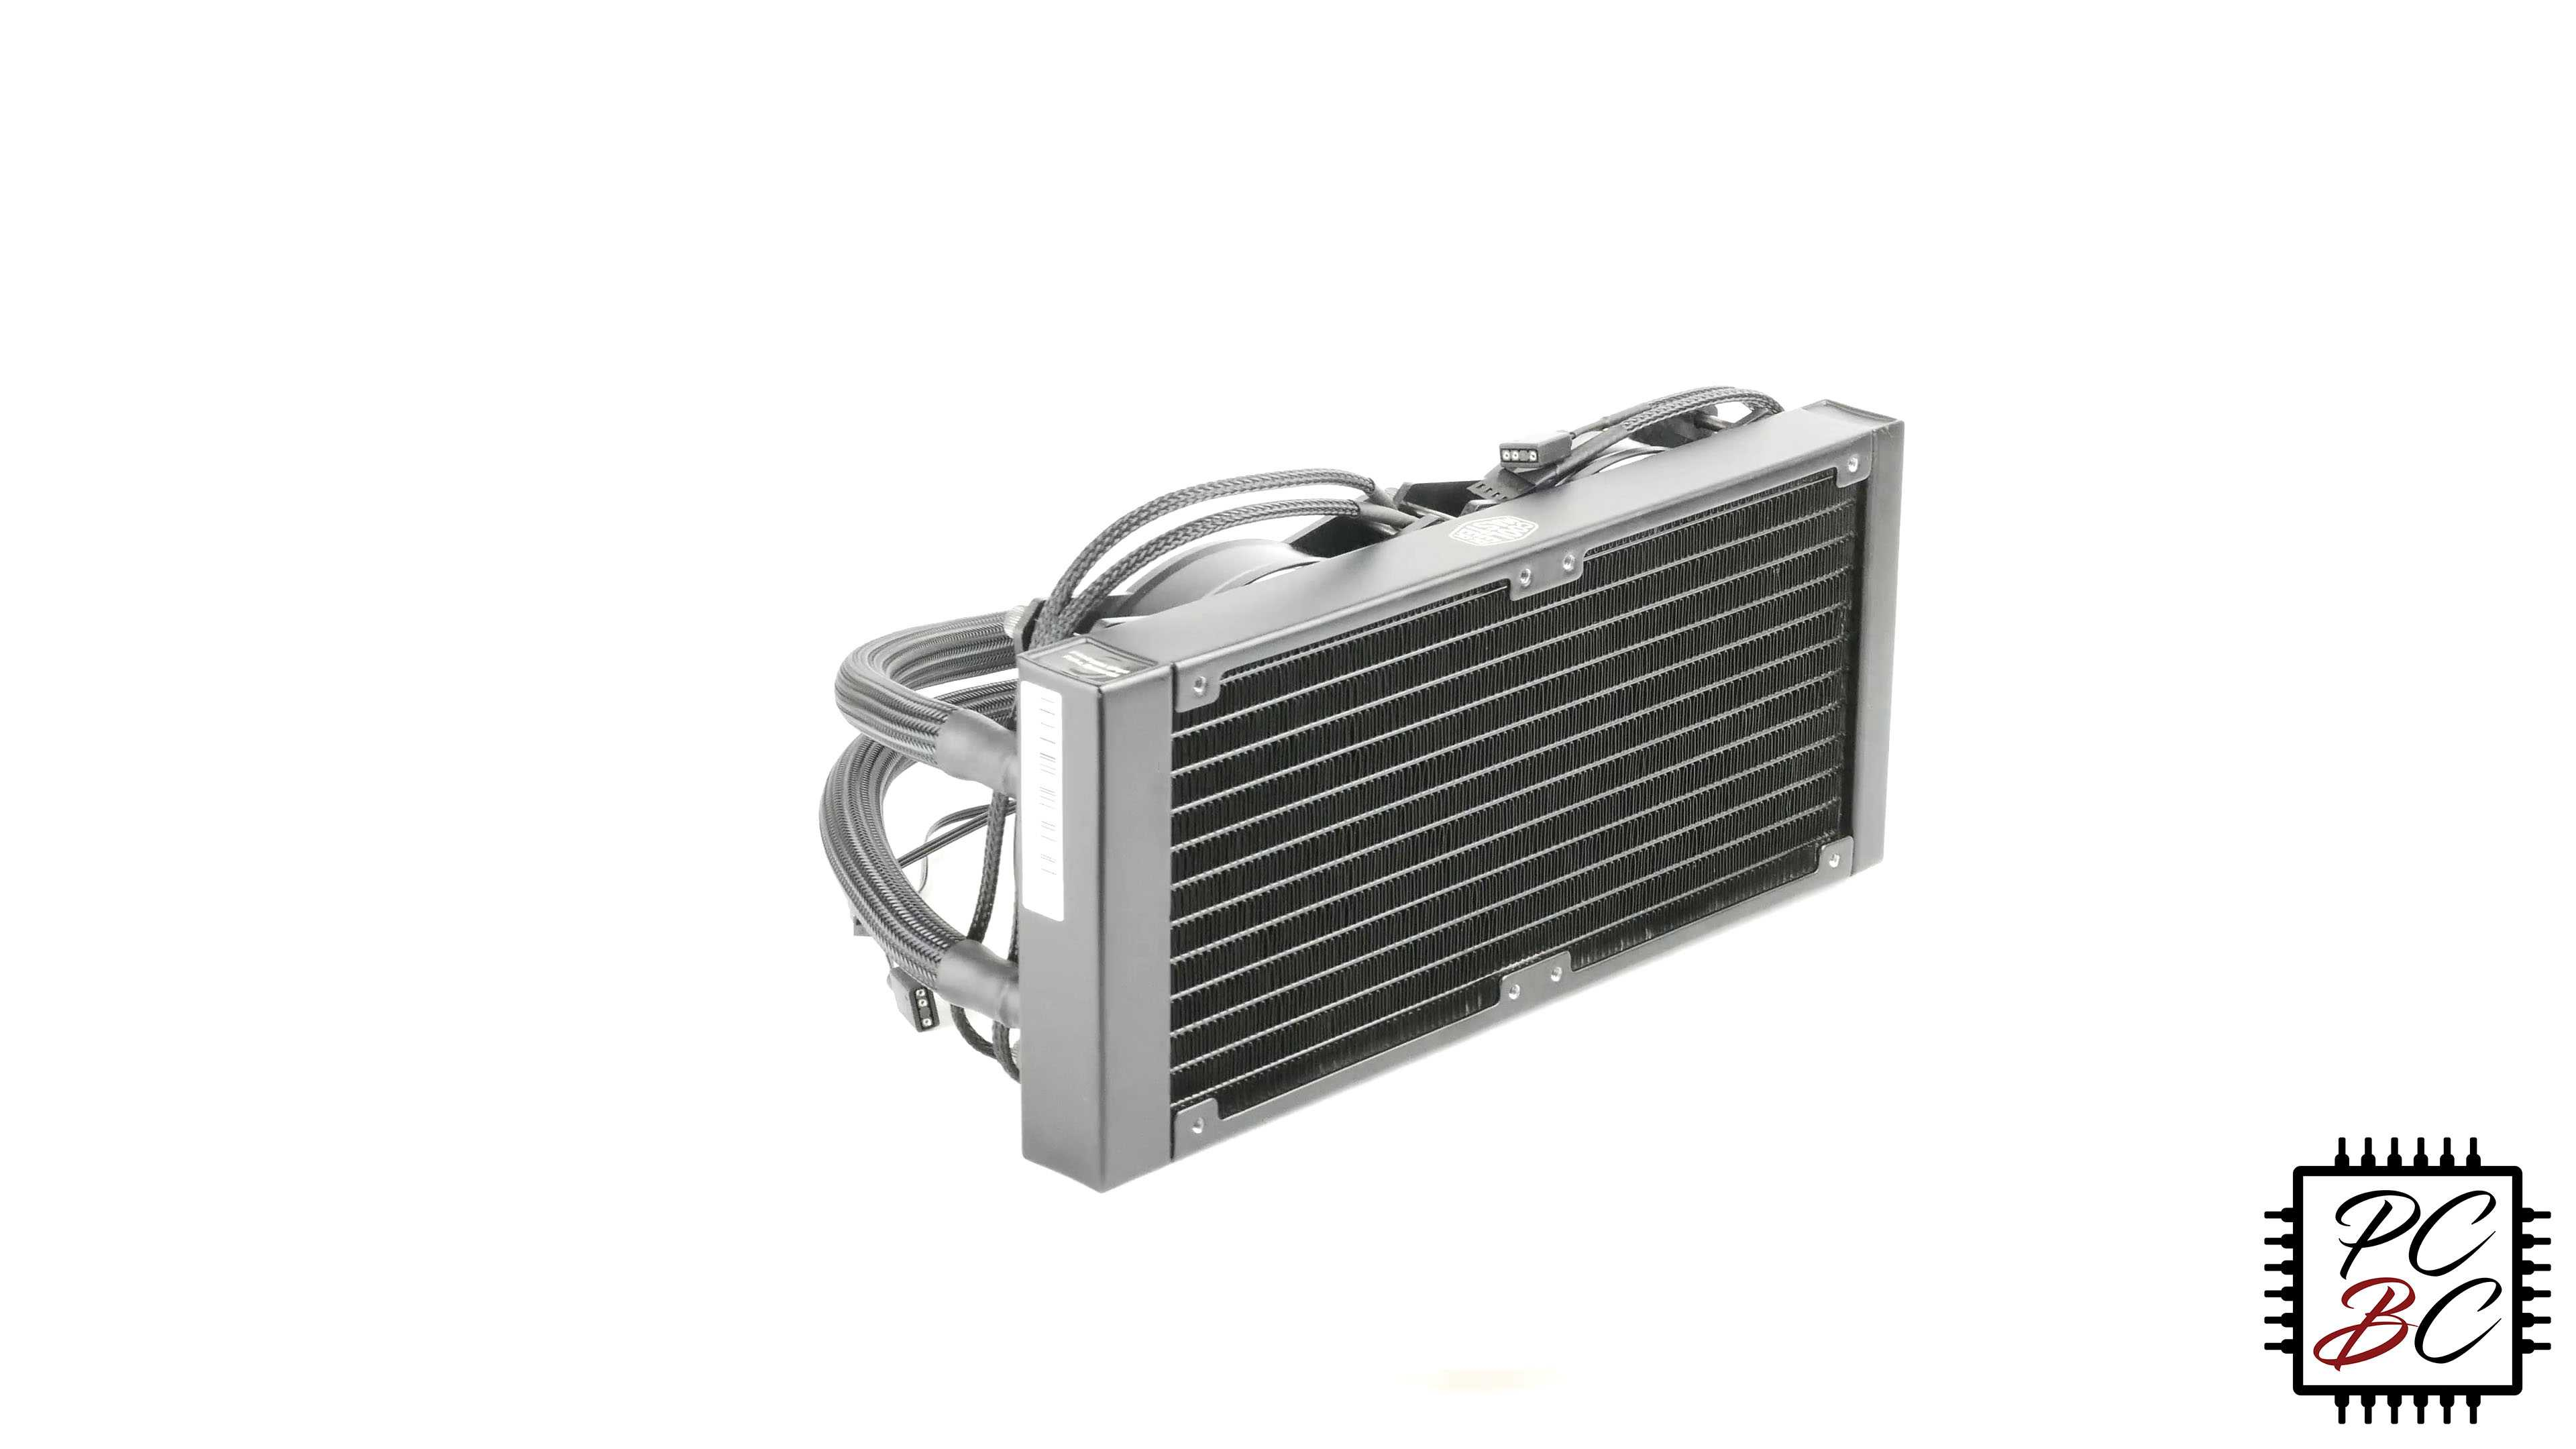 Cooler Master MasterLiquid ML240R ARGB